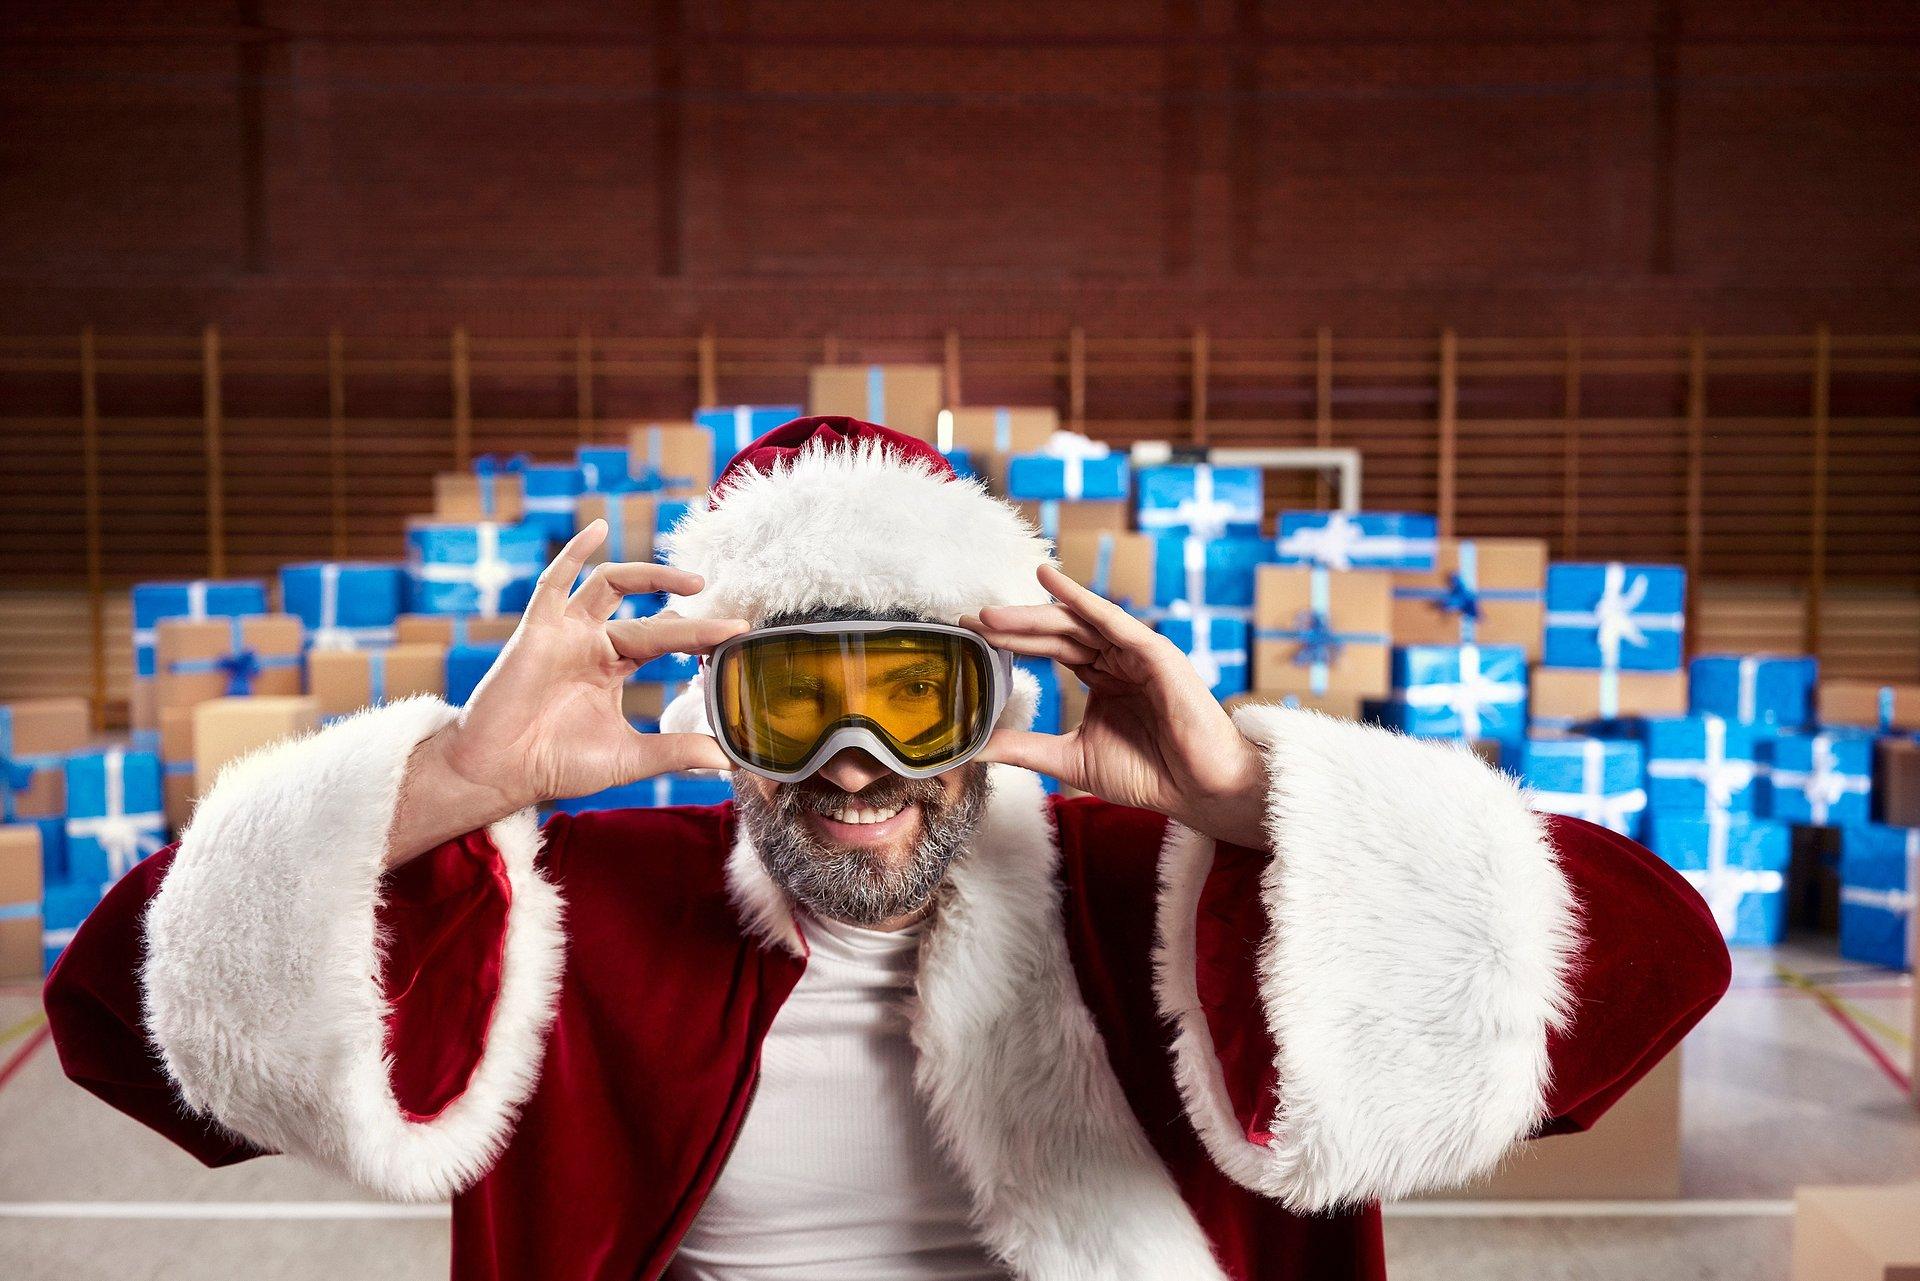 Decathlon sprawdza się na Święta